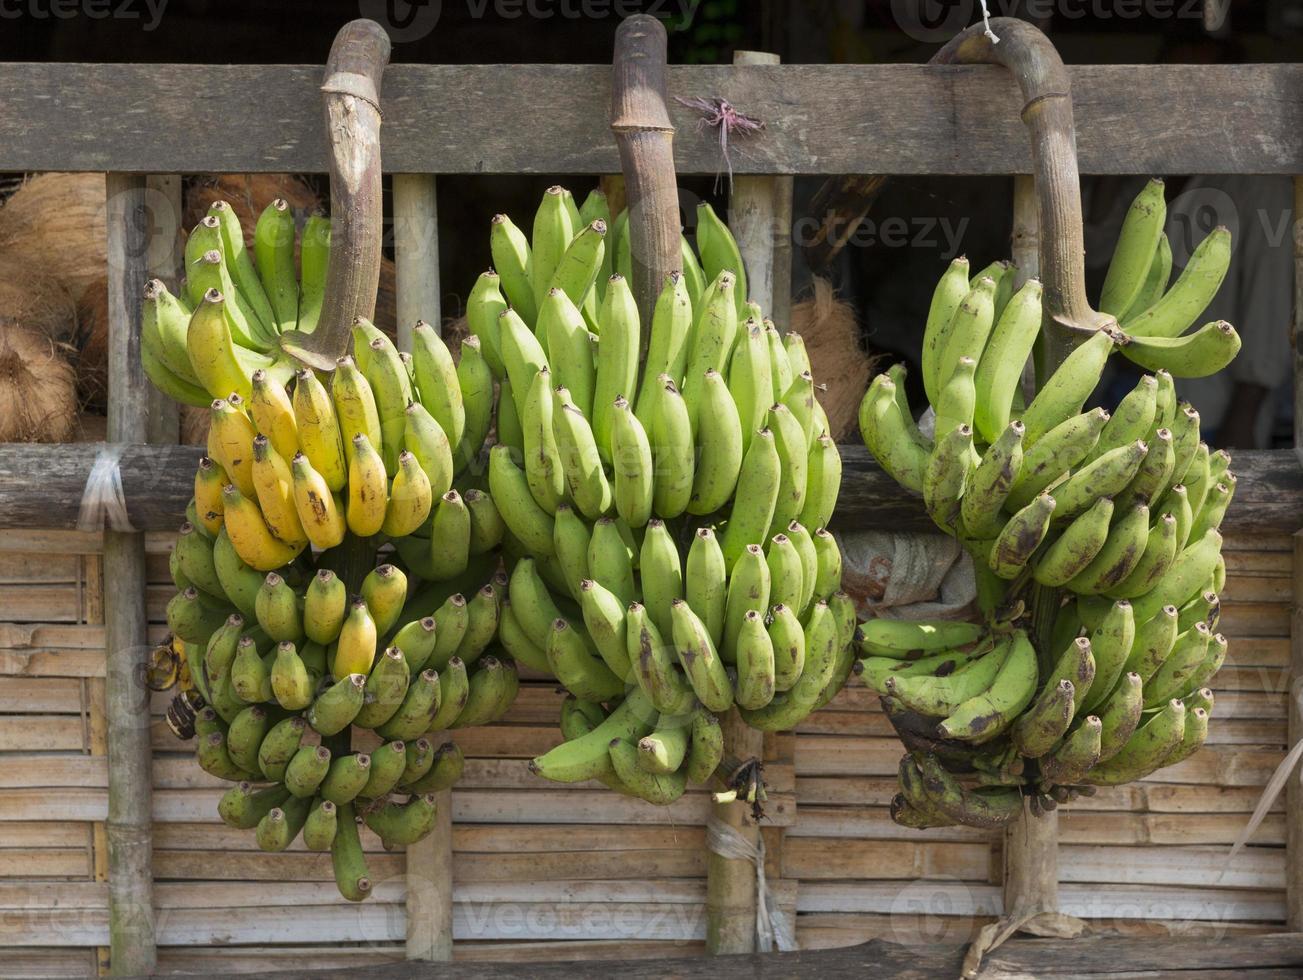 Bananensträuße auf dem Großhandelsmarkt, Yangon, Myanmar foto